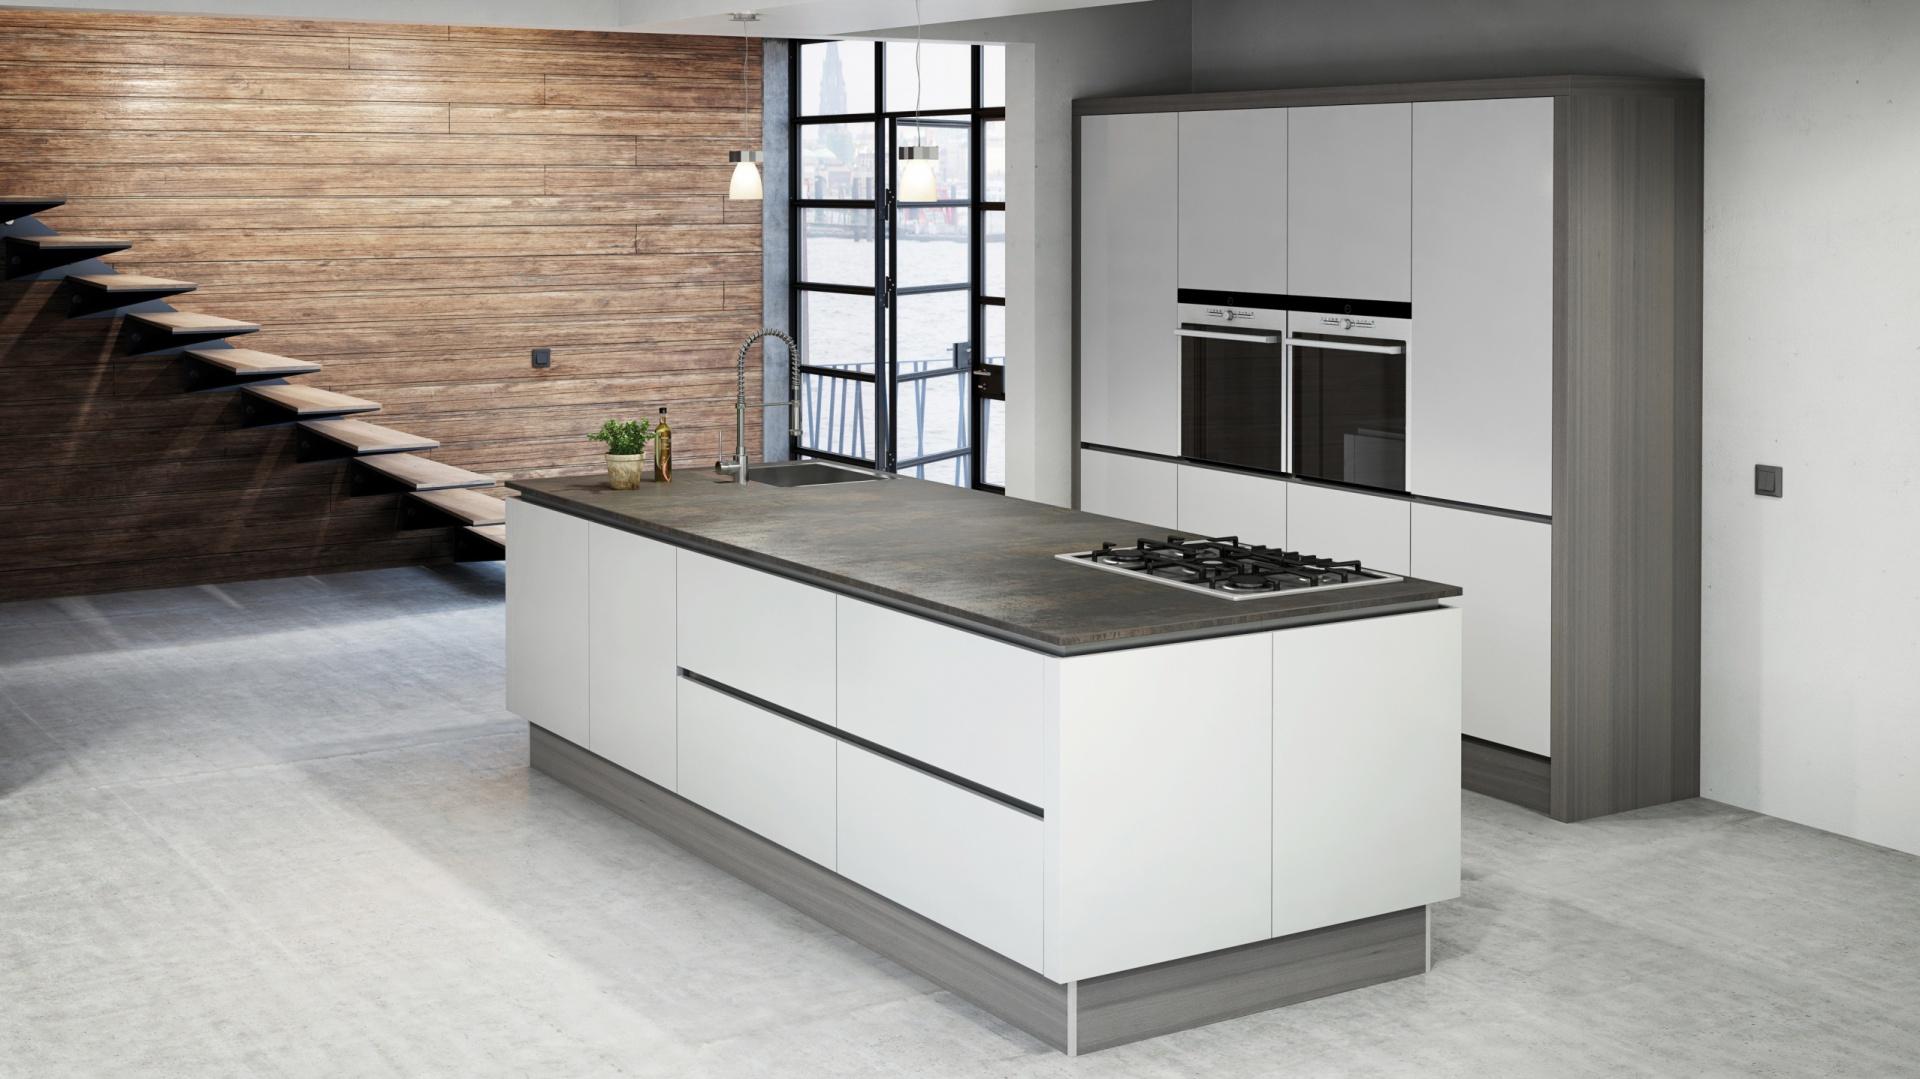 blat ceramiczny dost pny w blaty do kuchni 15 sprawdzonych pomys w strona 11. Black Bedroom Furniture Sets. Home Design Ideas